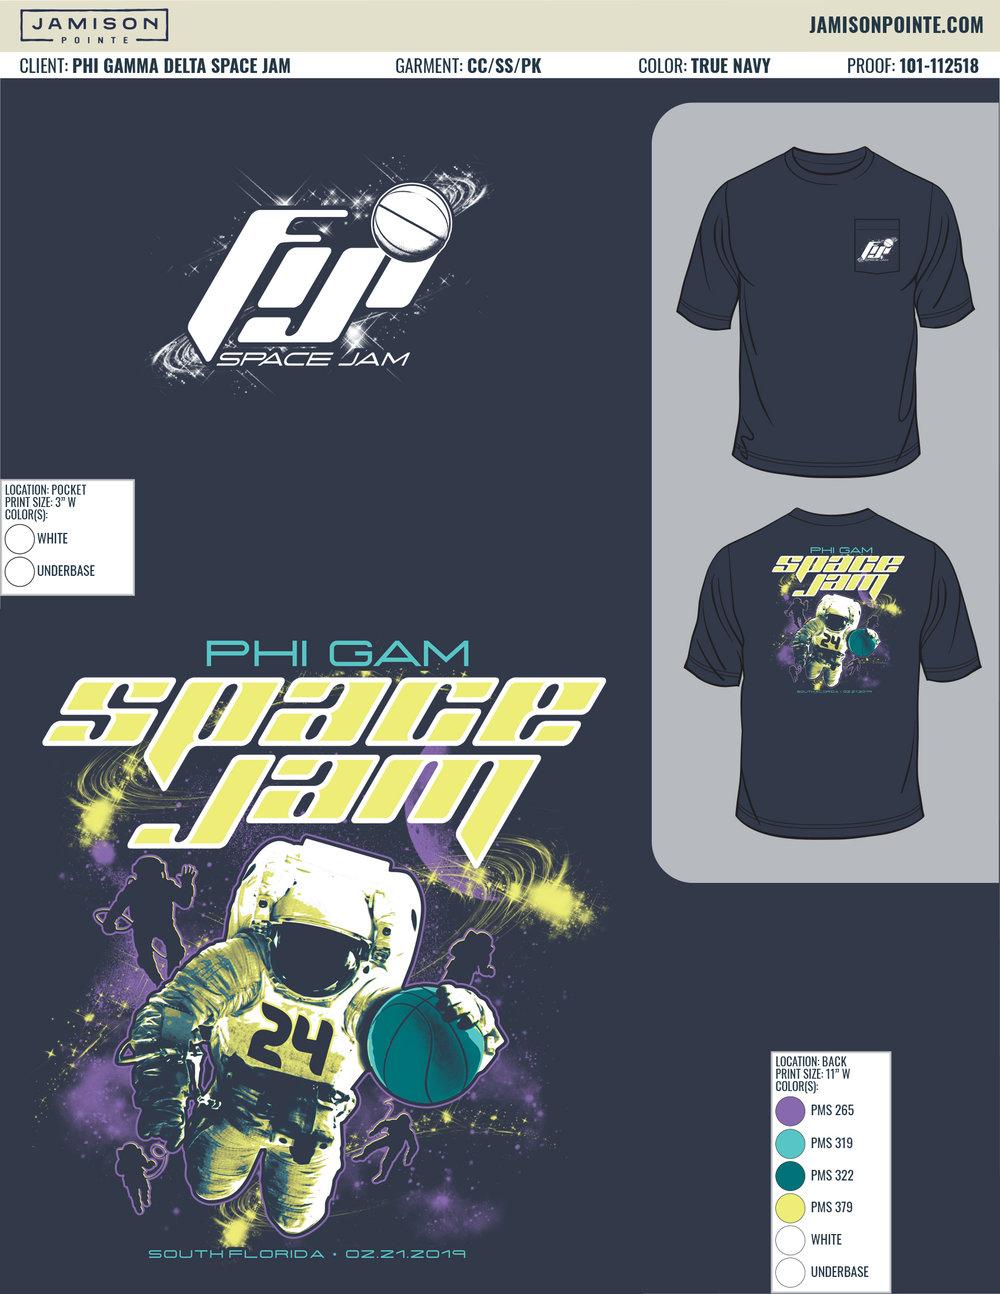 101-112518 Phi Gamma Delta Space Jam.jpg